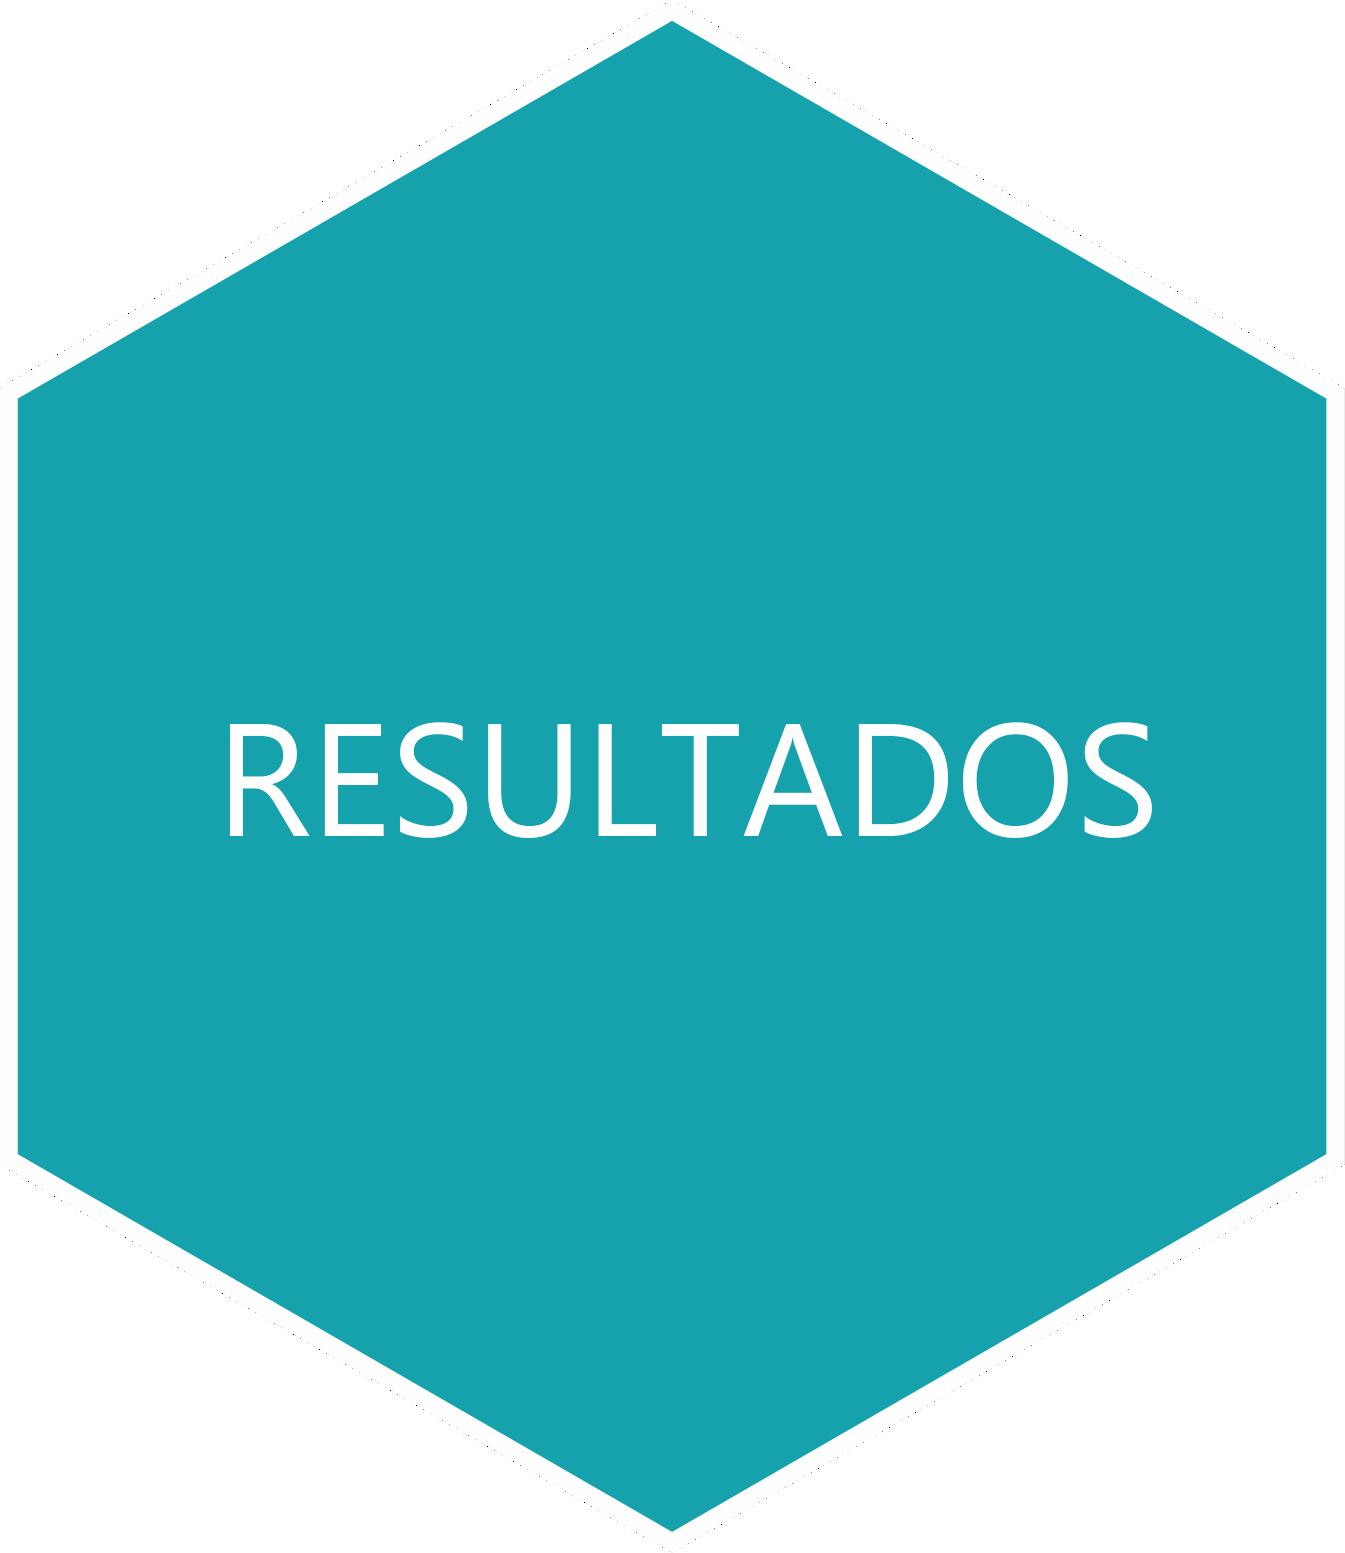 RESULTADOS1.png